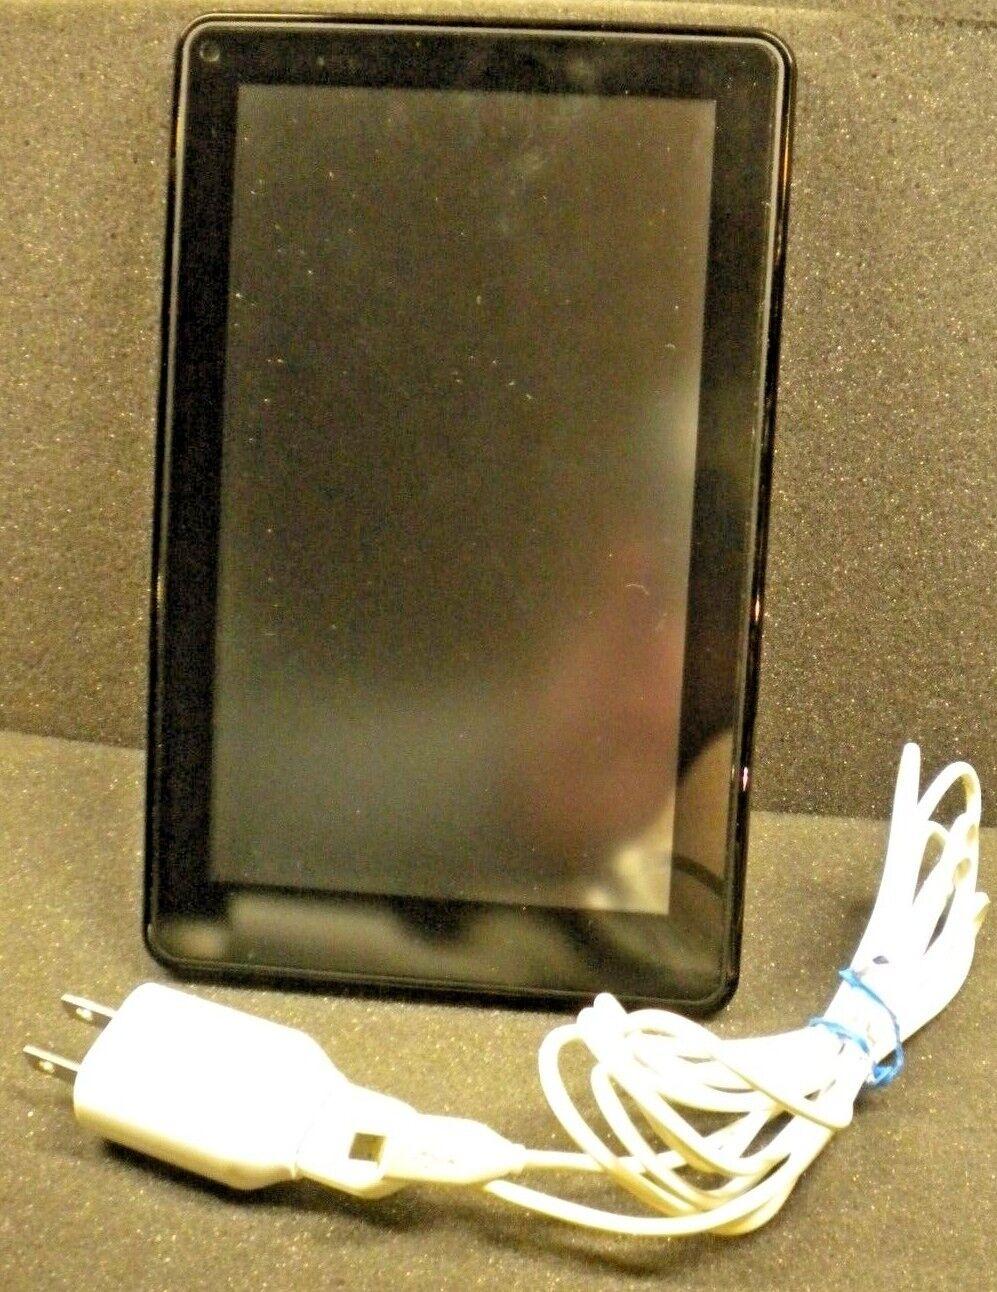 Amazon Kindle Fire (1st Gen, D01400) - 8GB, Wi-Fi, 7in - Bundle - Black - USED